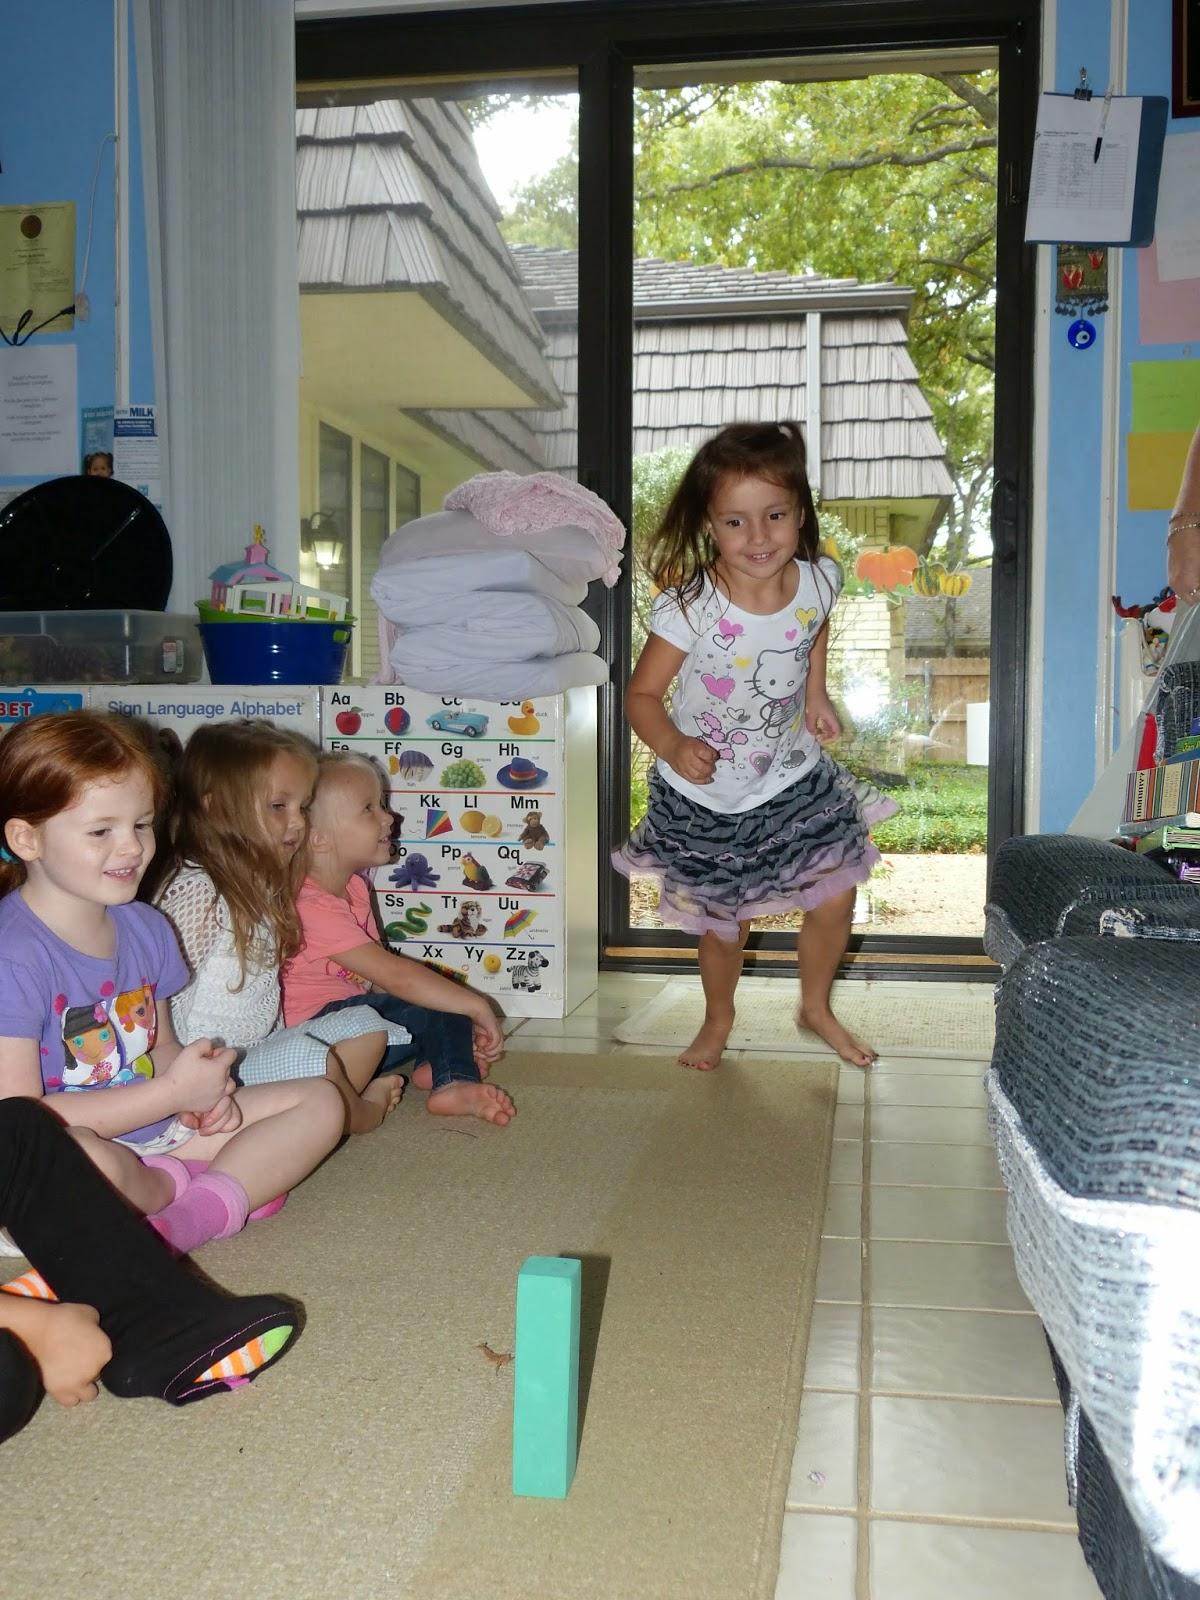 Paula S Preschool And Kindergarten Nursery Rhymes